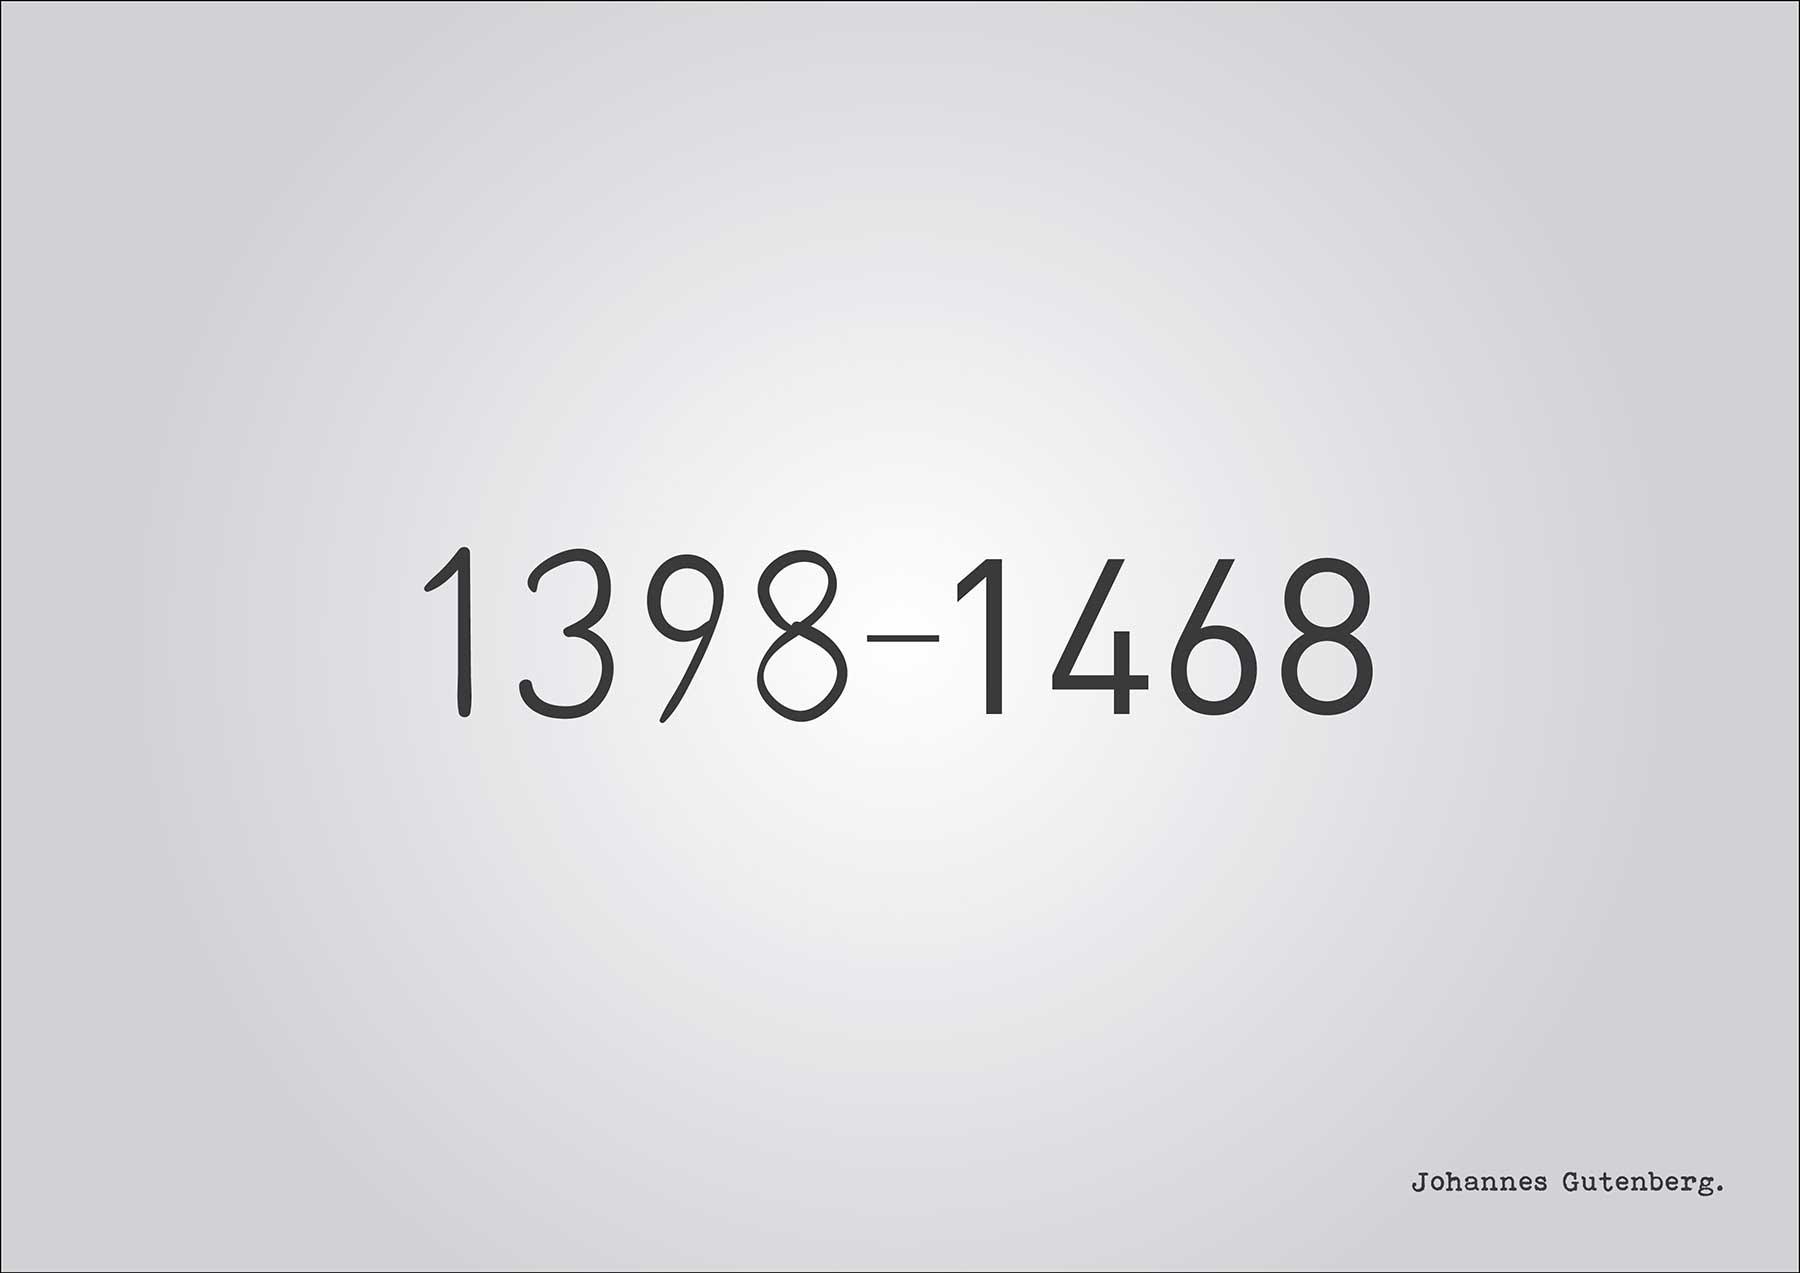 Jahreszahlen anhand ihrer Geschehnisse gestaltet Digital-Chronicles-jahreszahlen_10